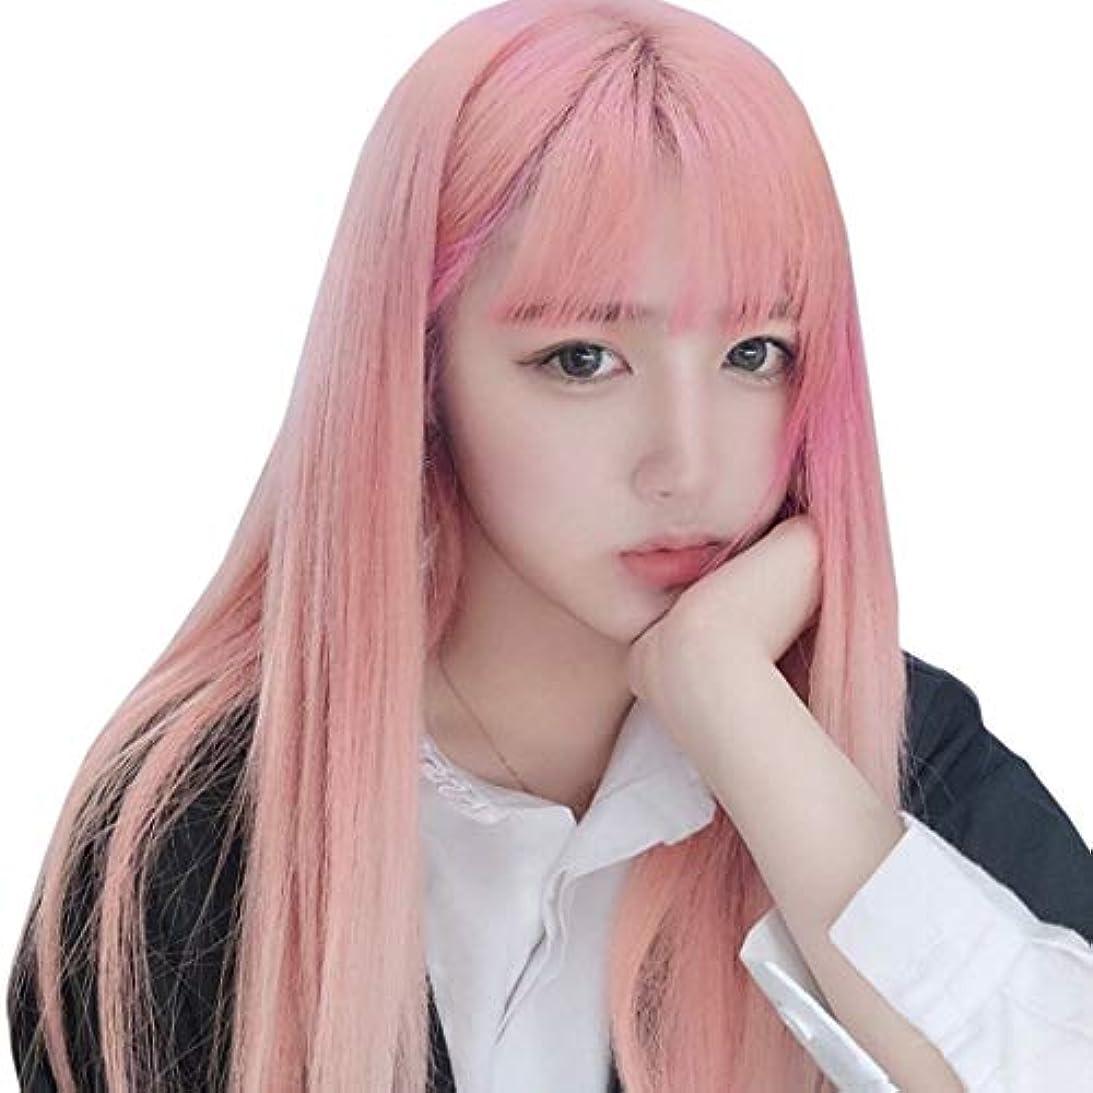 前売おなかがすいた幾何学JOYS CLOTHING レディースウィッグファイバーリアルナチュラル女性用ソフト&スムースストレートウィッグ弾性ストラップ快適&調節可能 (Color : Pink)